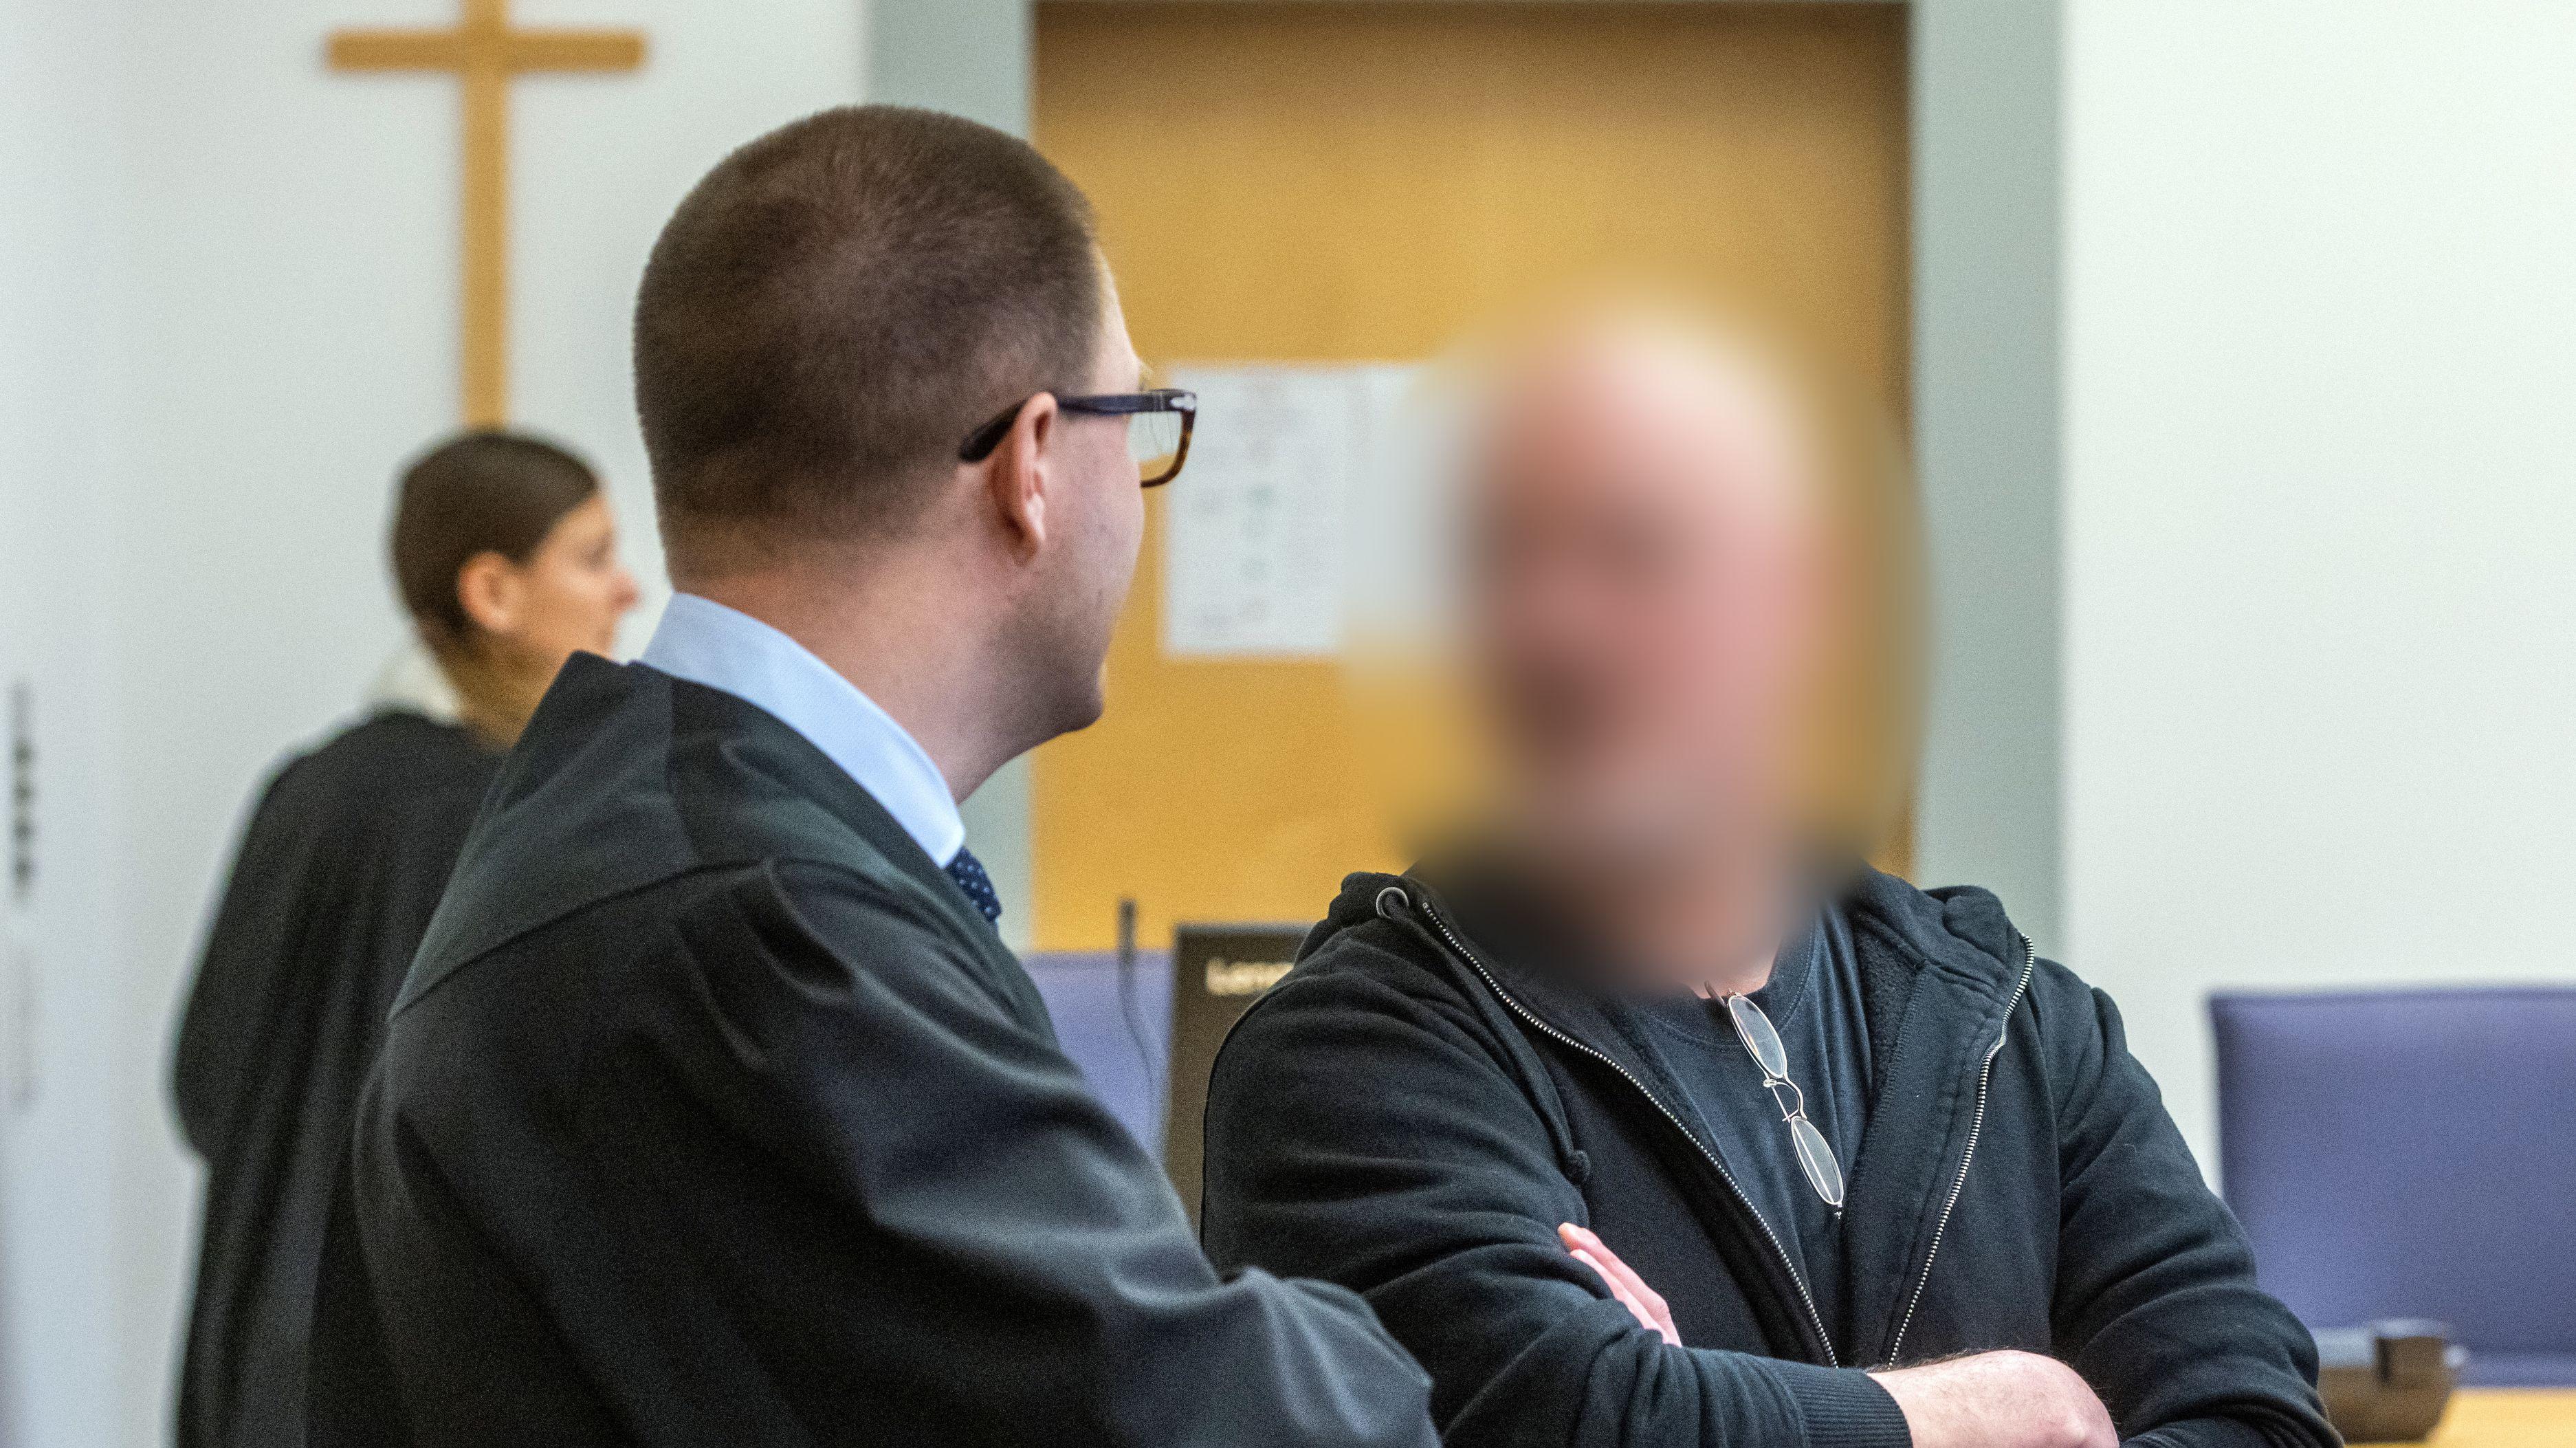 Der Angeklagte (r) steht im Verhandlungssaal des Landgerichts neben seinem Verteidiger Sebastian Gaßmann.